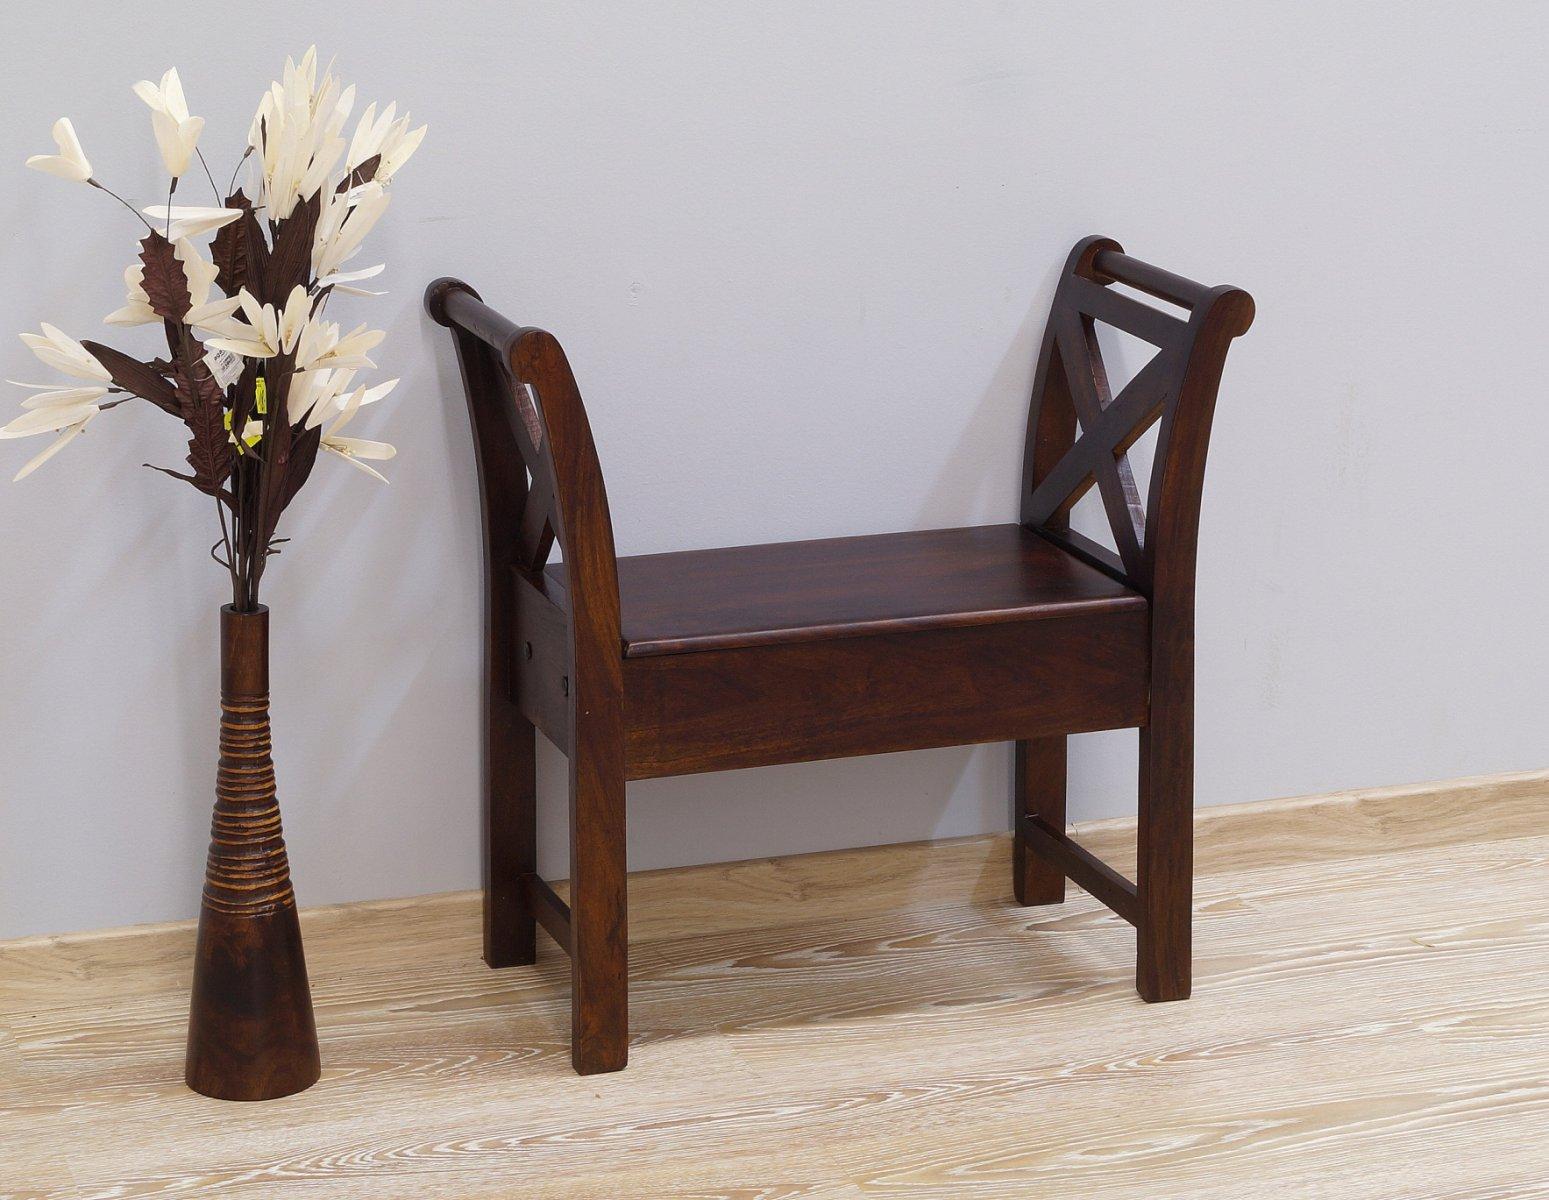 Ławka kolonialna lite drewno palisander indyjski ciemny brąz klasyczna